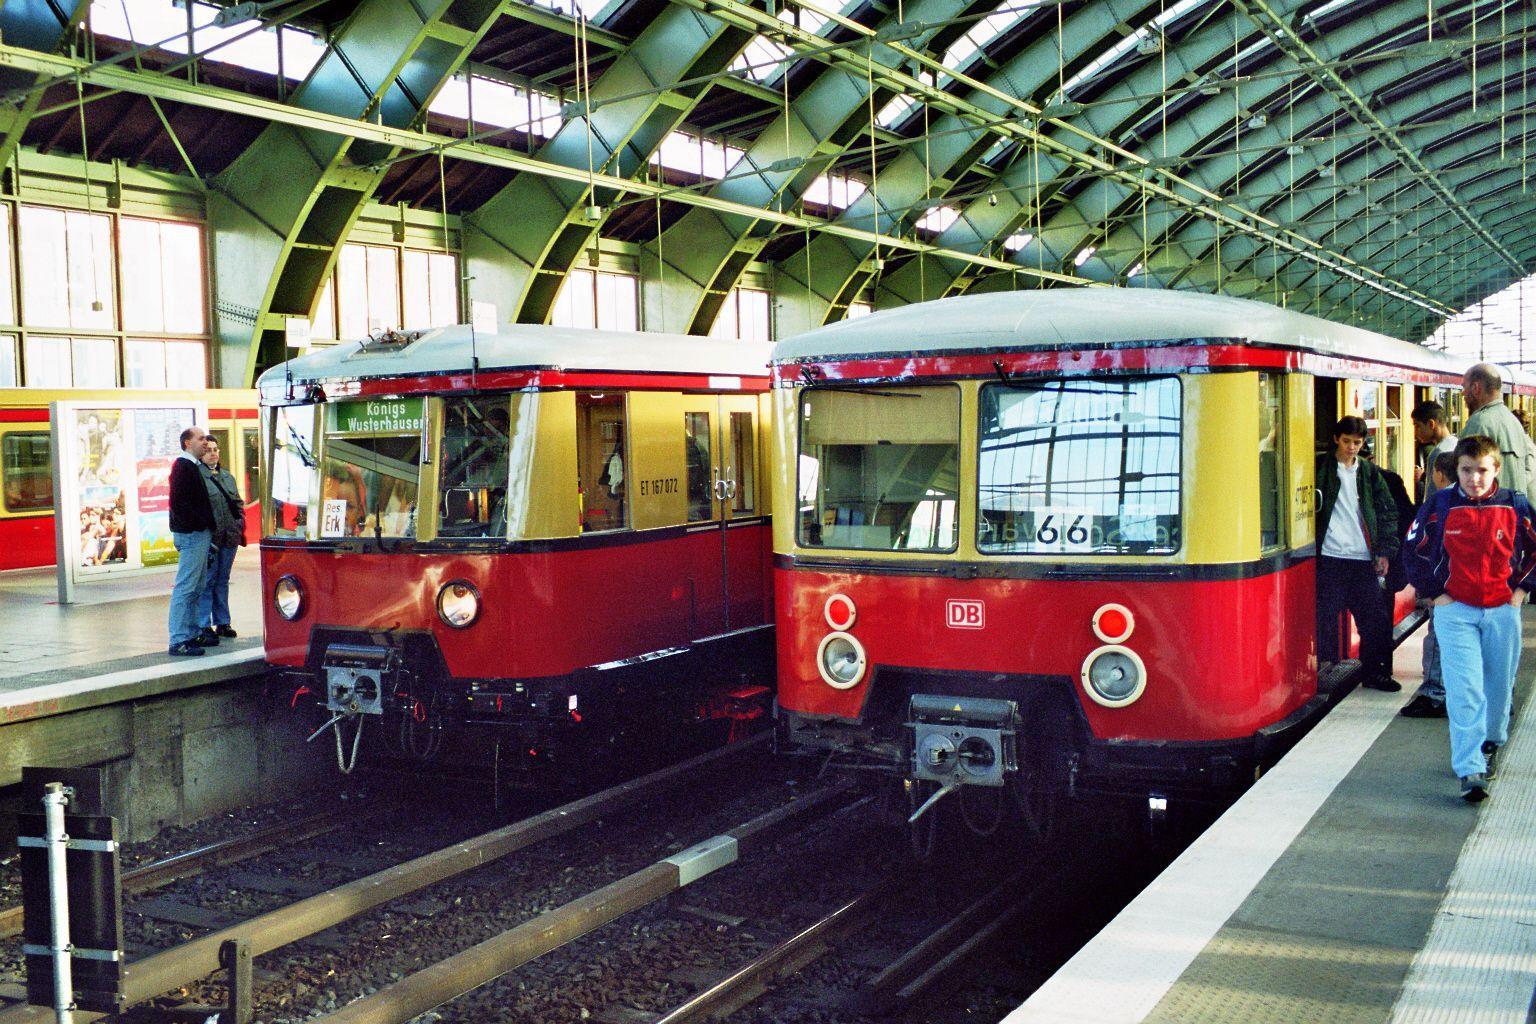 S-Bahn 167 072, Bauart 1938/1941, ex 277 087, Baureihe 167, neben Baureihe 477, Ostbahnhof, 2002